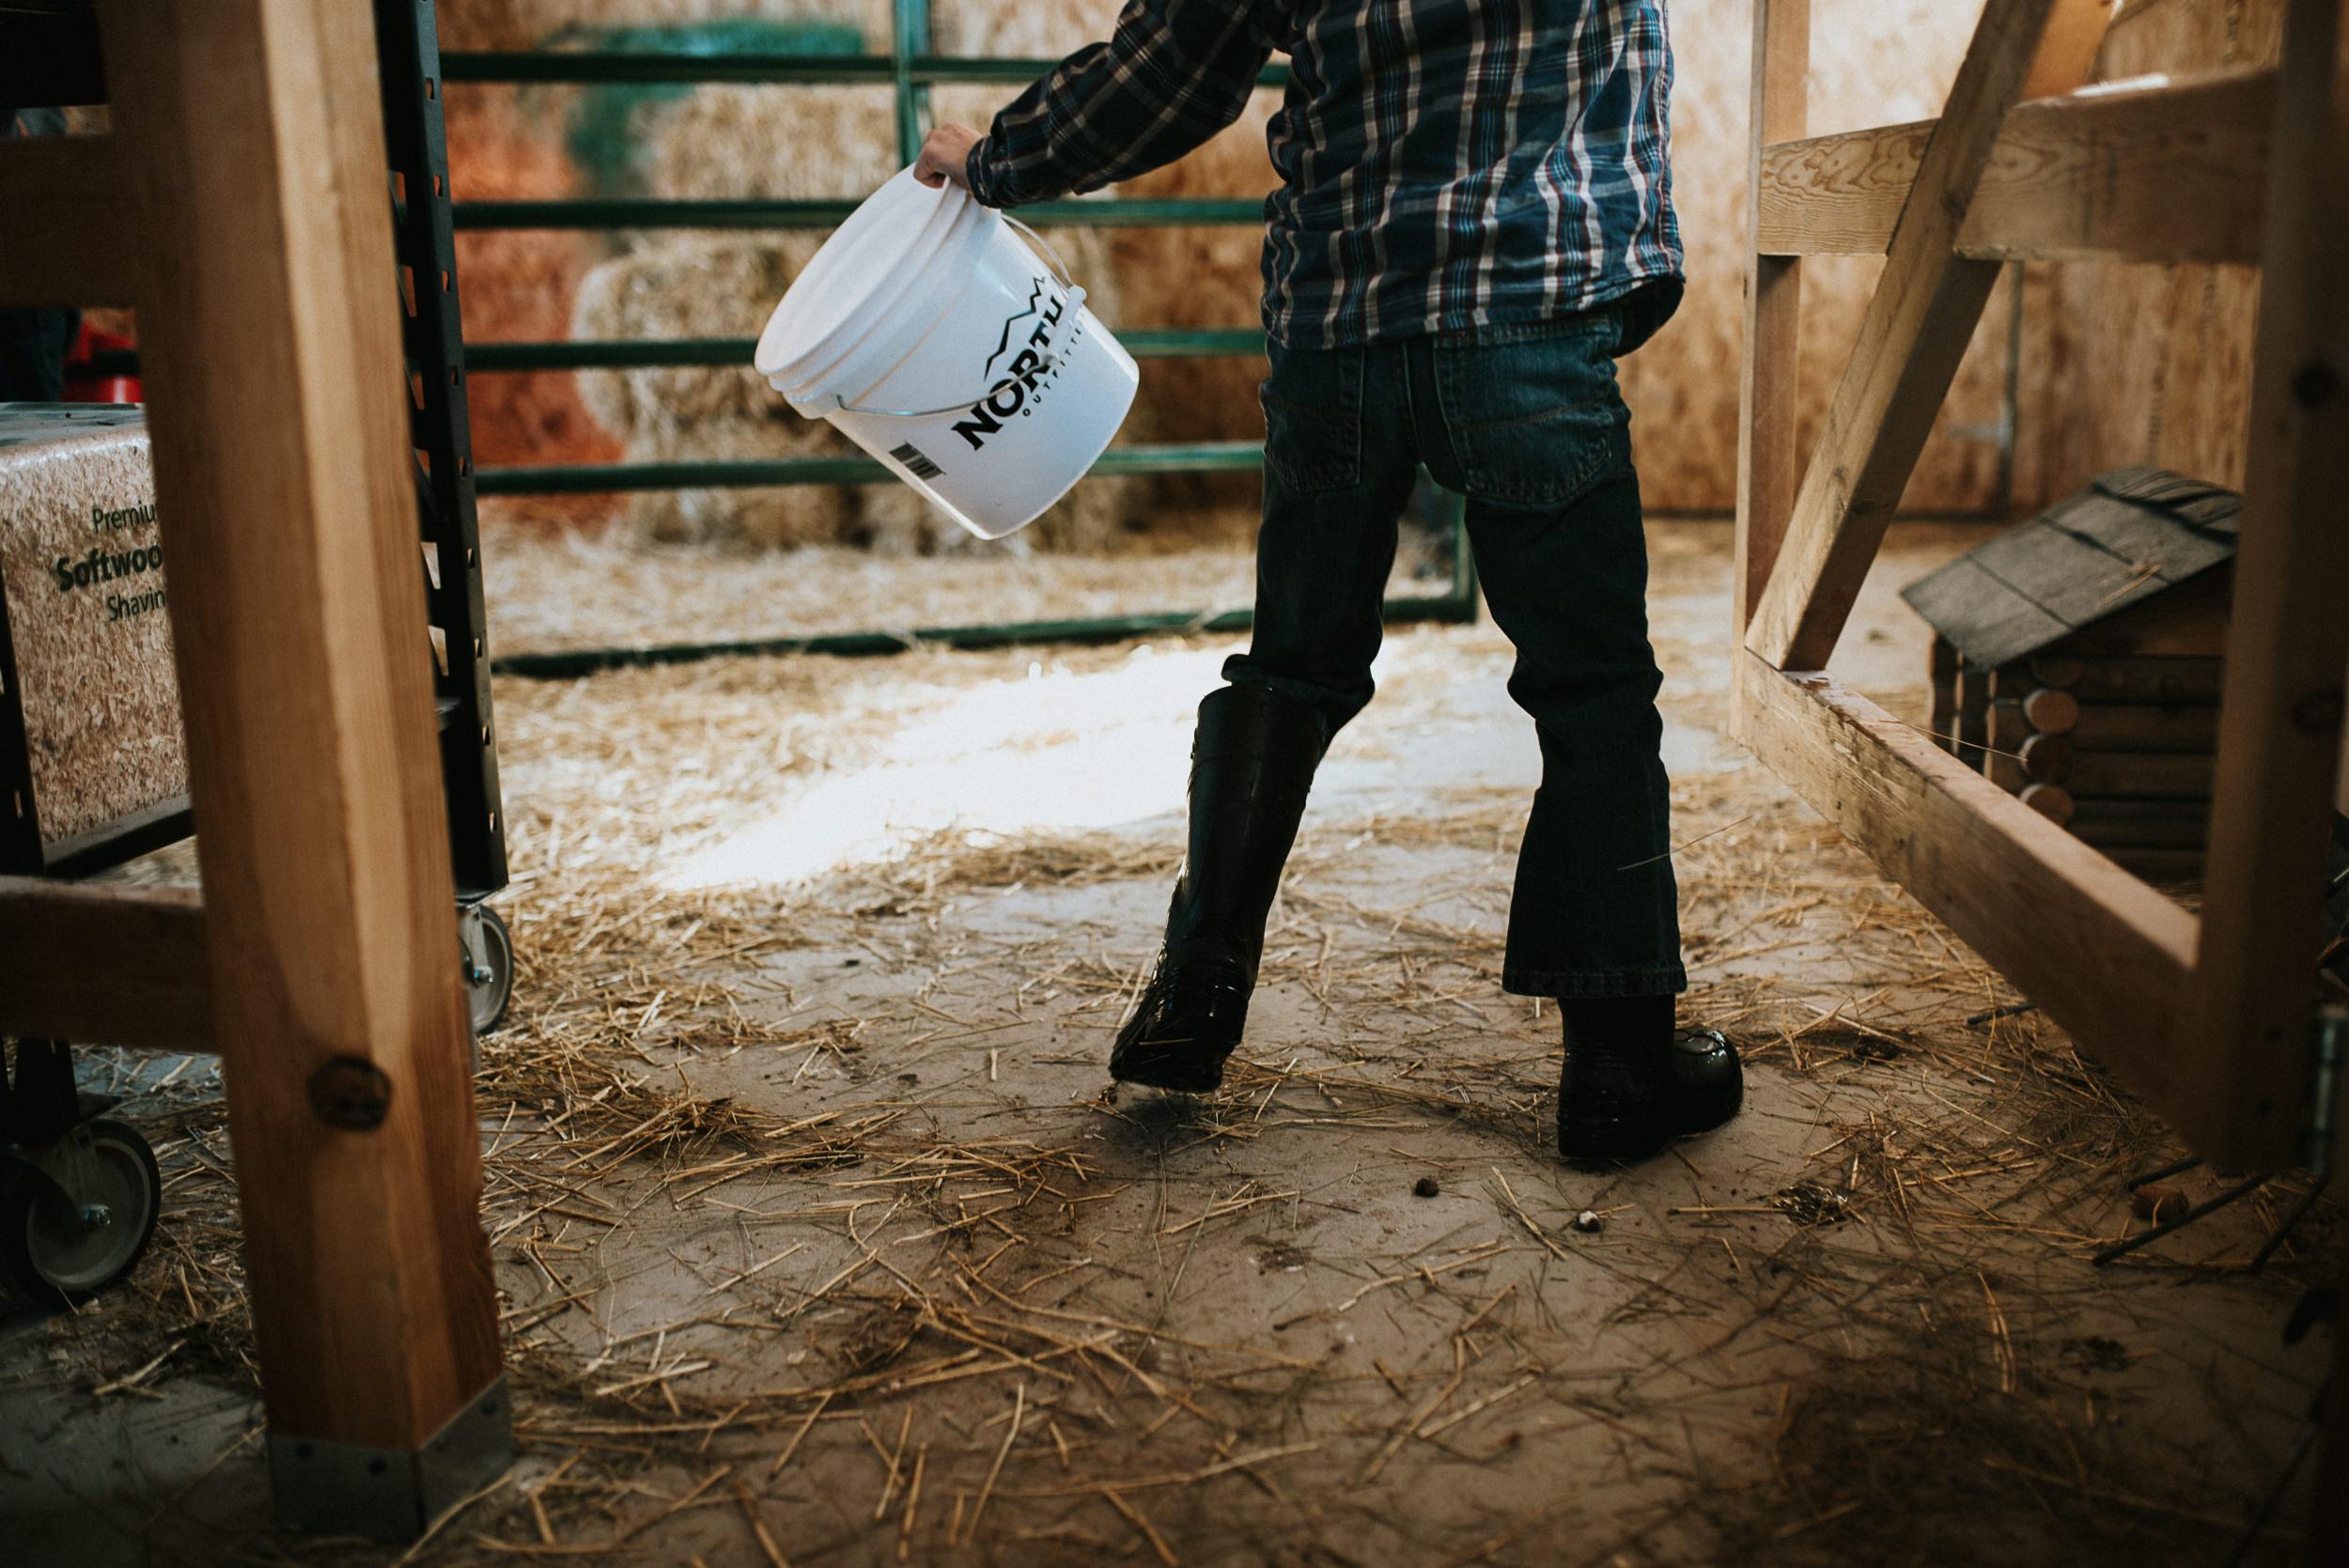 Little helpers, little cows.